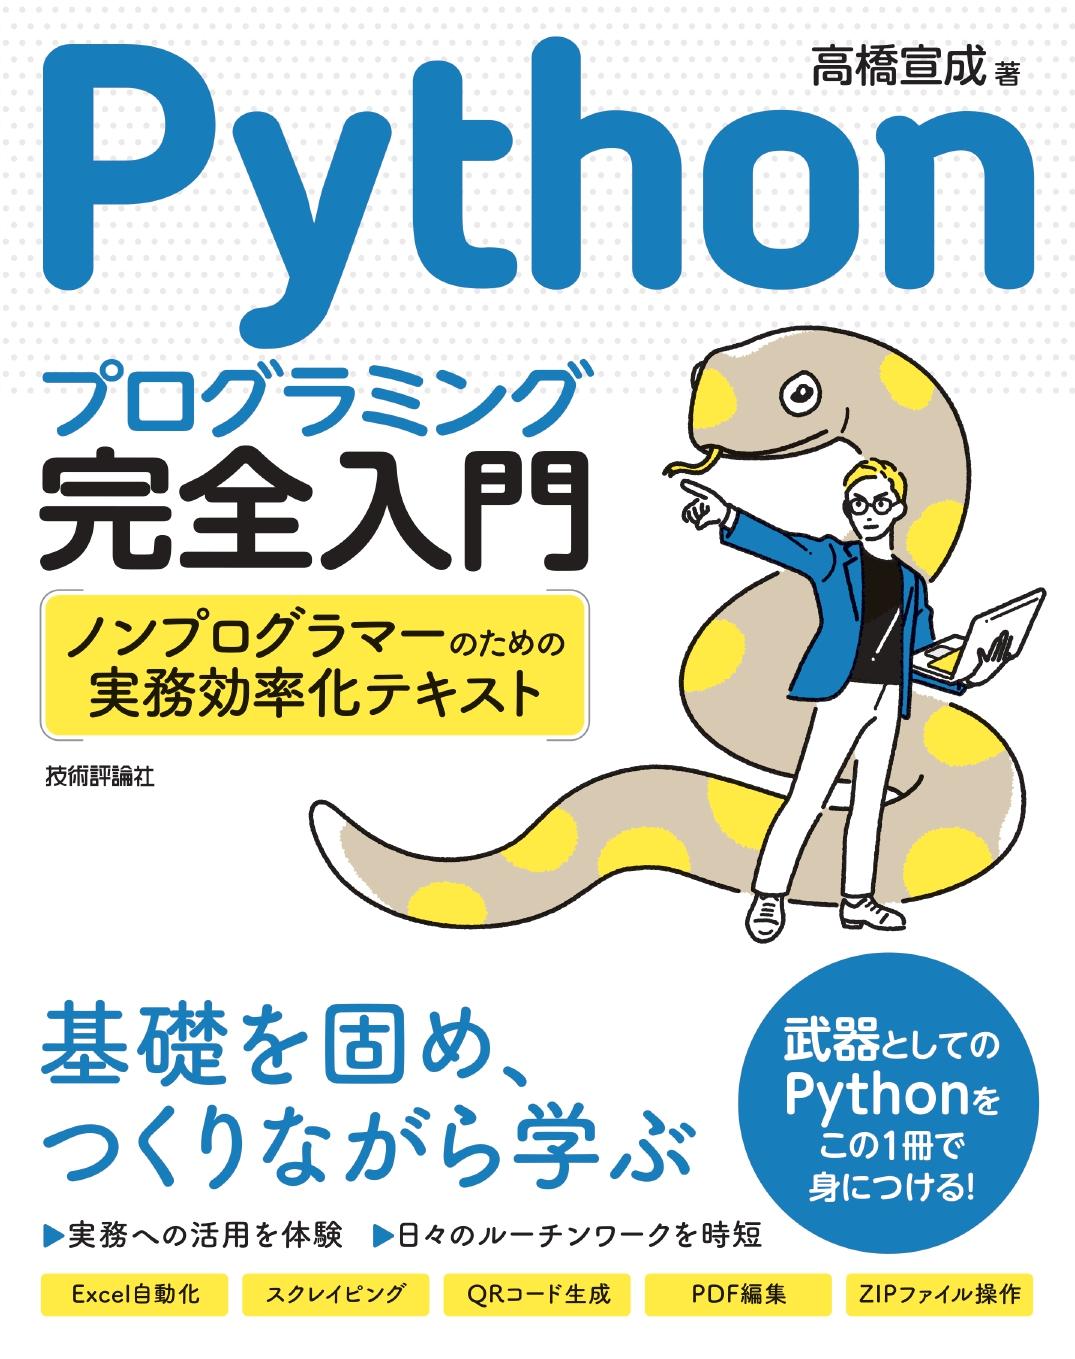 Pythonプログラミング完全入門 ~ノンプログラマーのための実務効率化テキスト